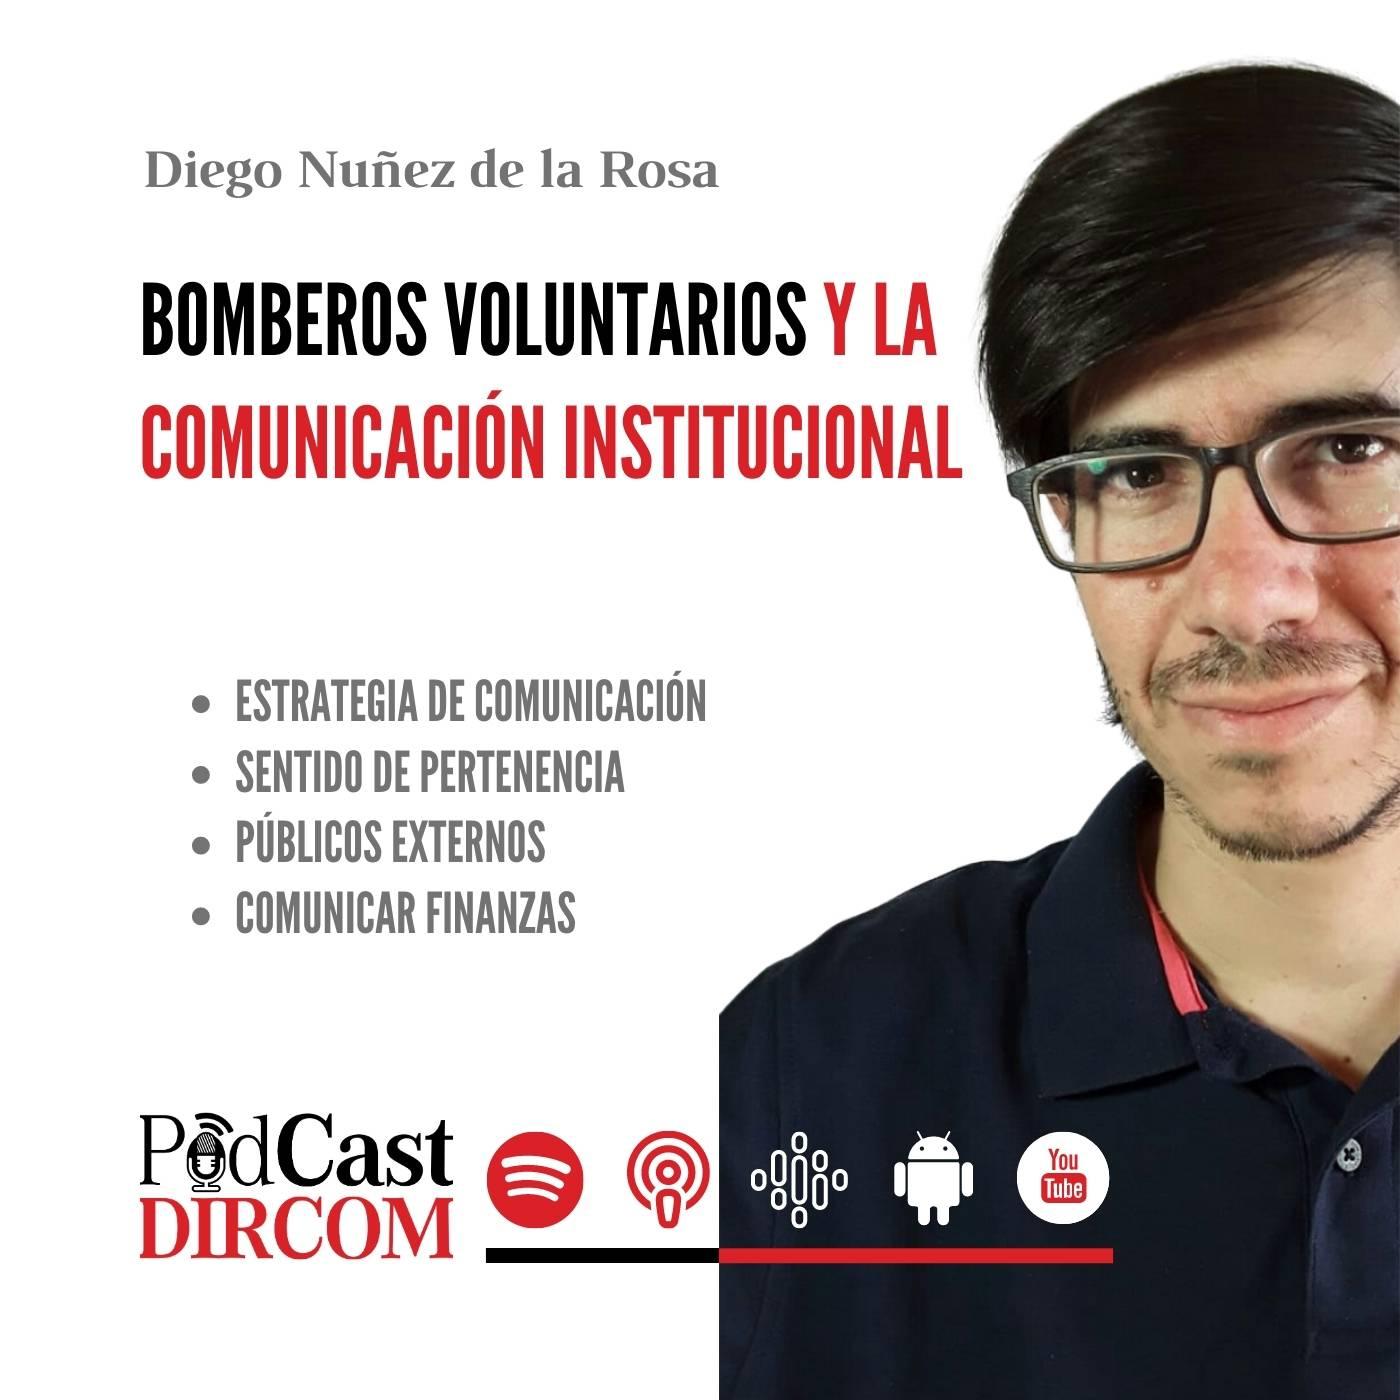 Bomberos Voluntarios y la Comunicacion Institucional